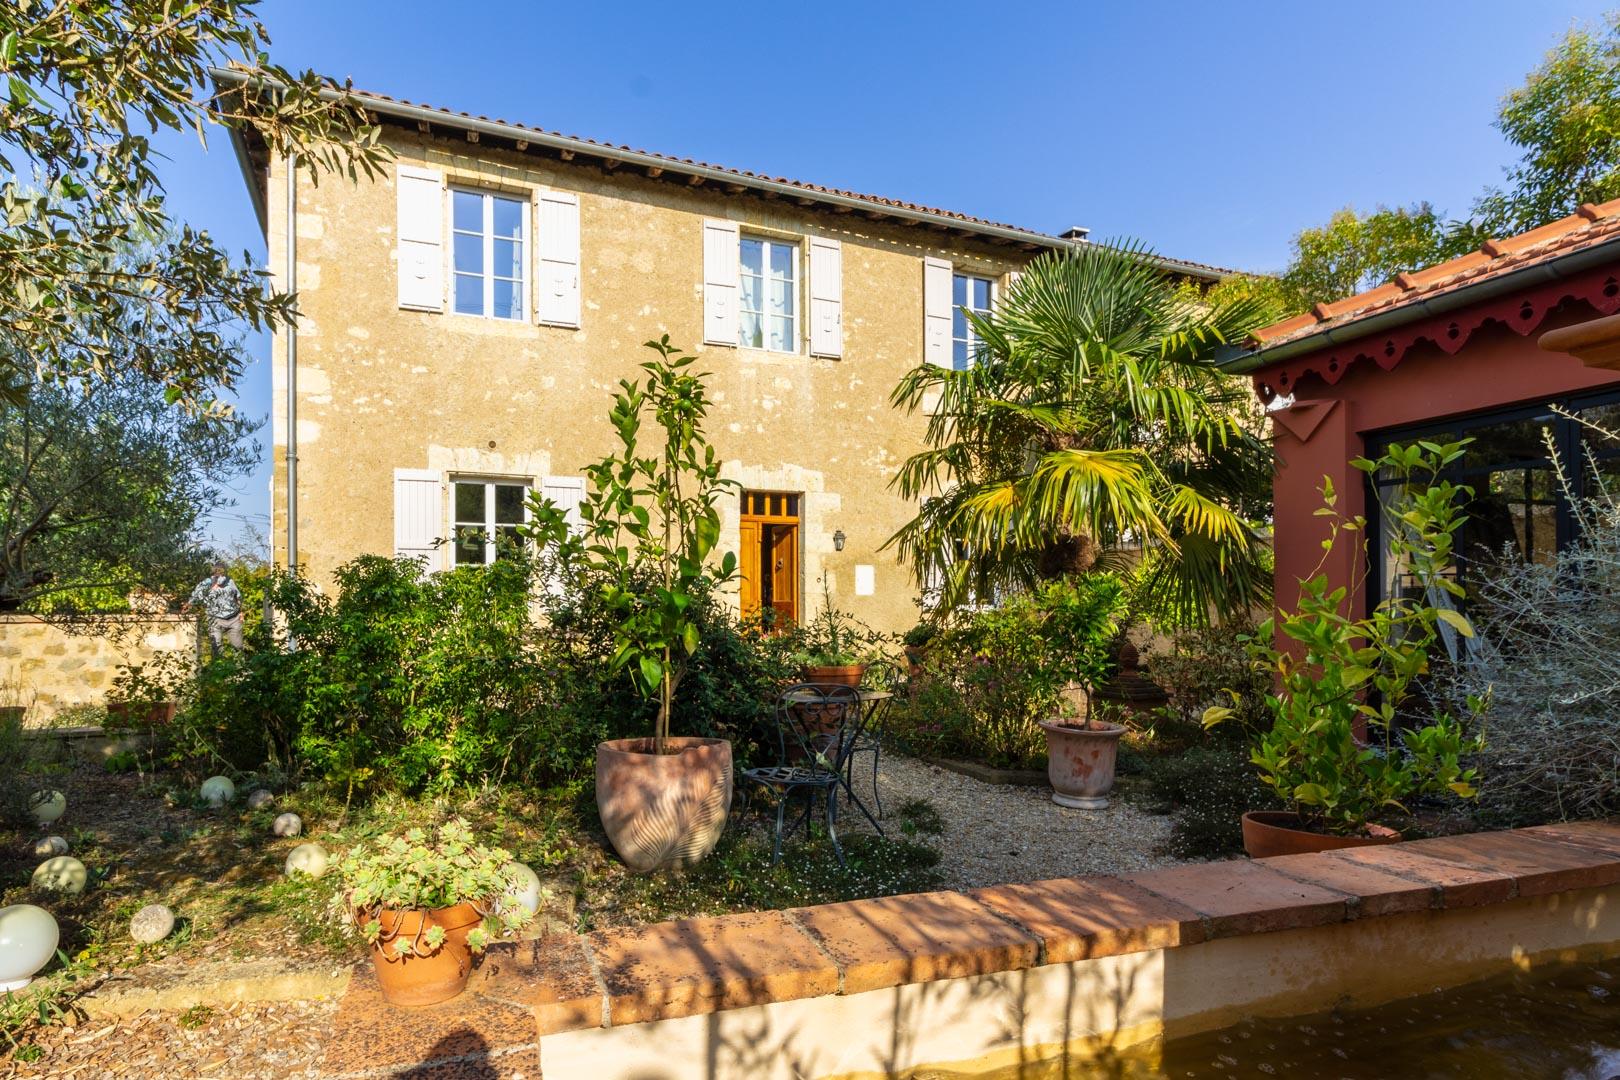 photographe-immobilier-photographe lourdes-tarbes-pau-airbnb-trivago-square habitat-crédit agricole-louer-acheter-vendre